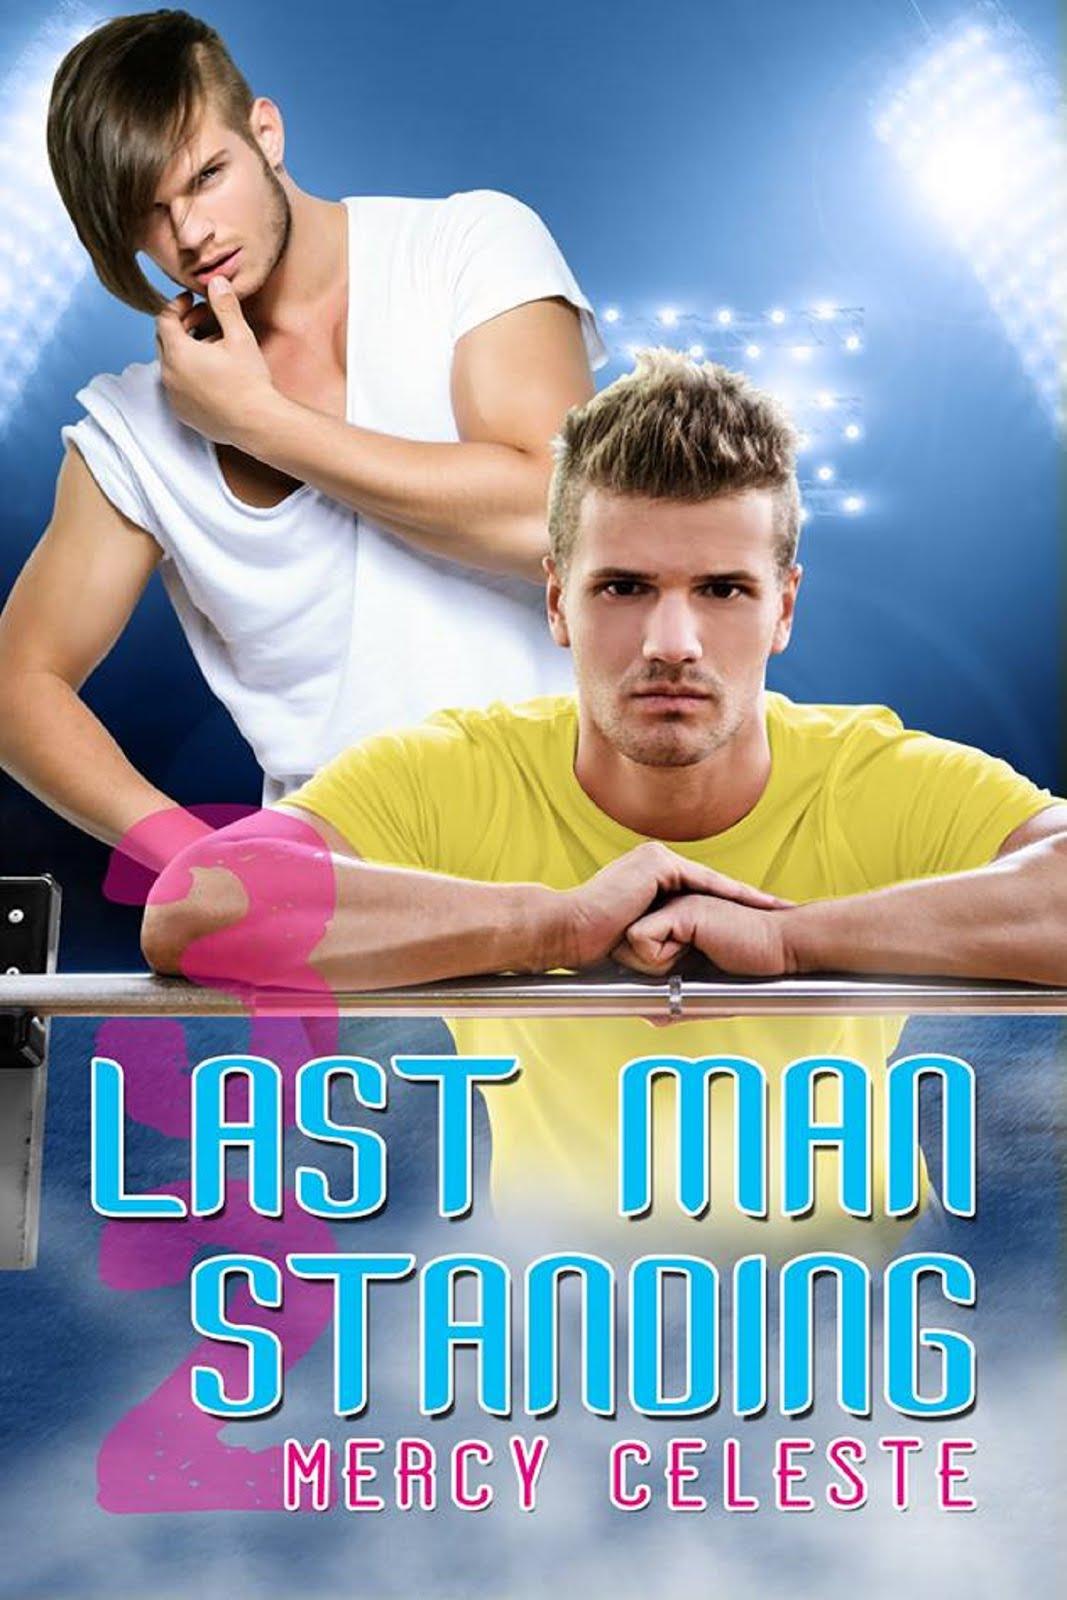 Last Man Standing... Scrimmage 5